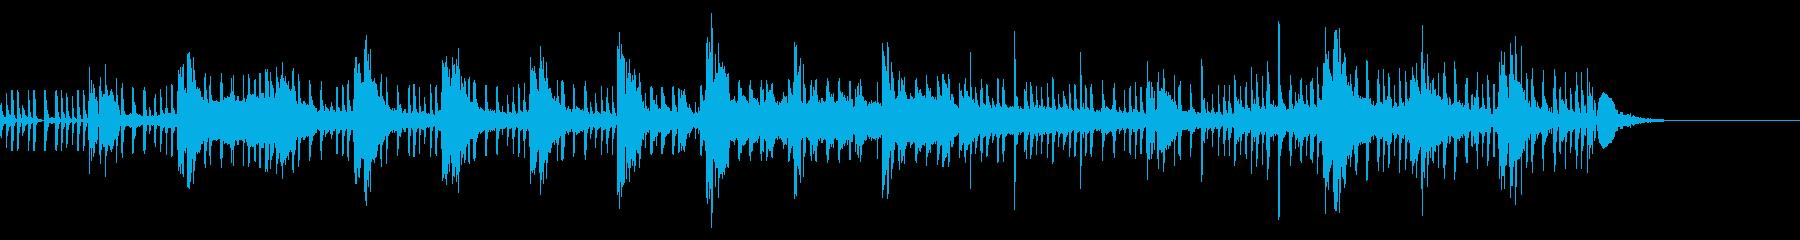 サスペンス推理ドラマ風chillbeatの再生済みの波形